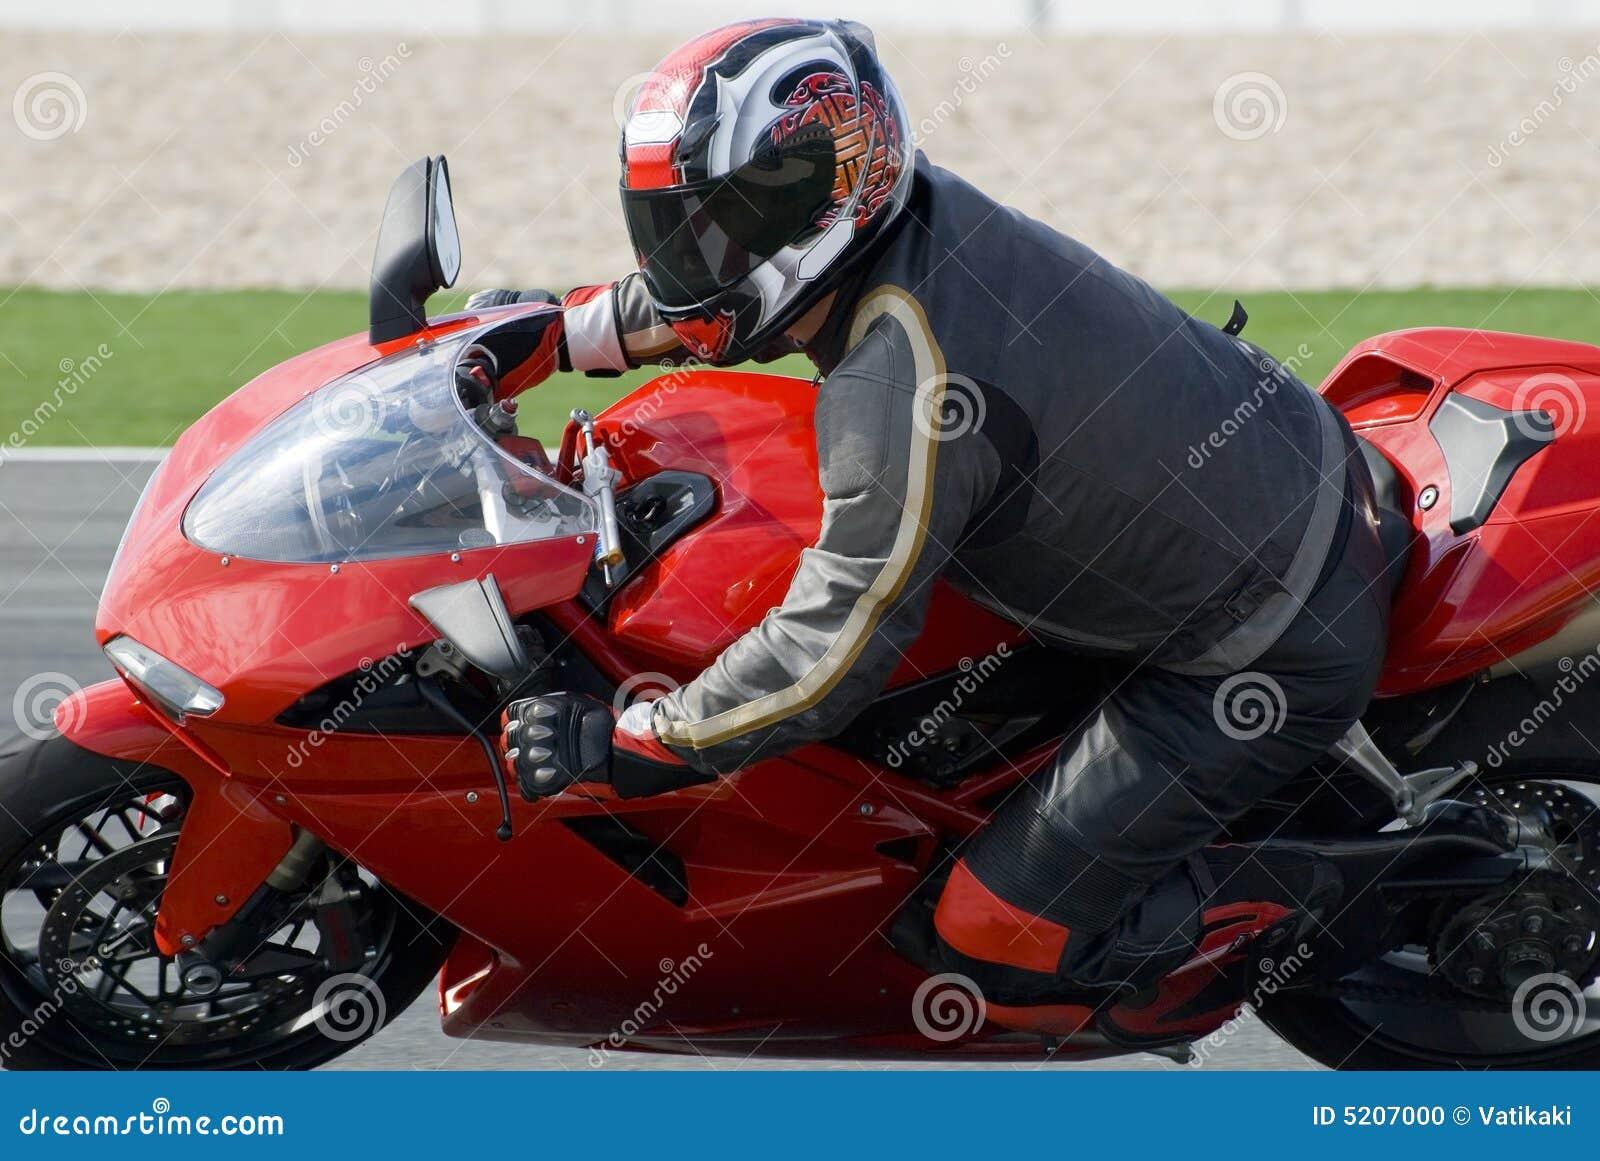 Superbike die op spoor rent